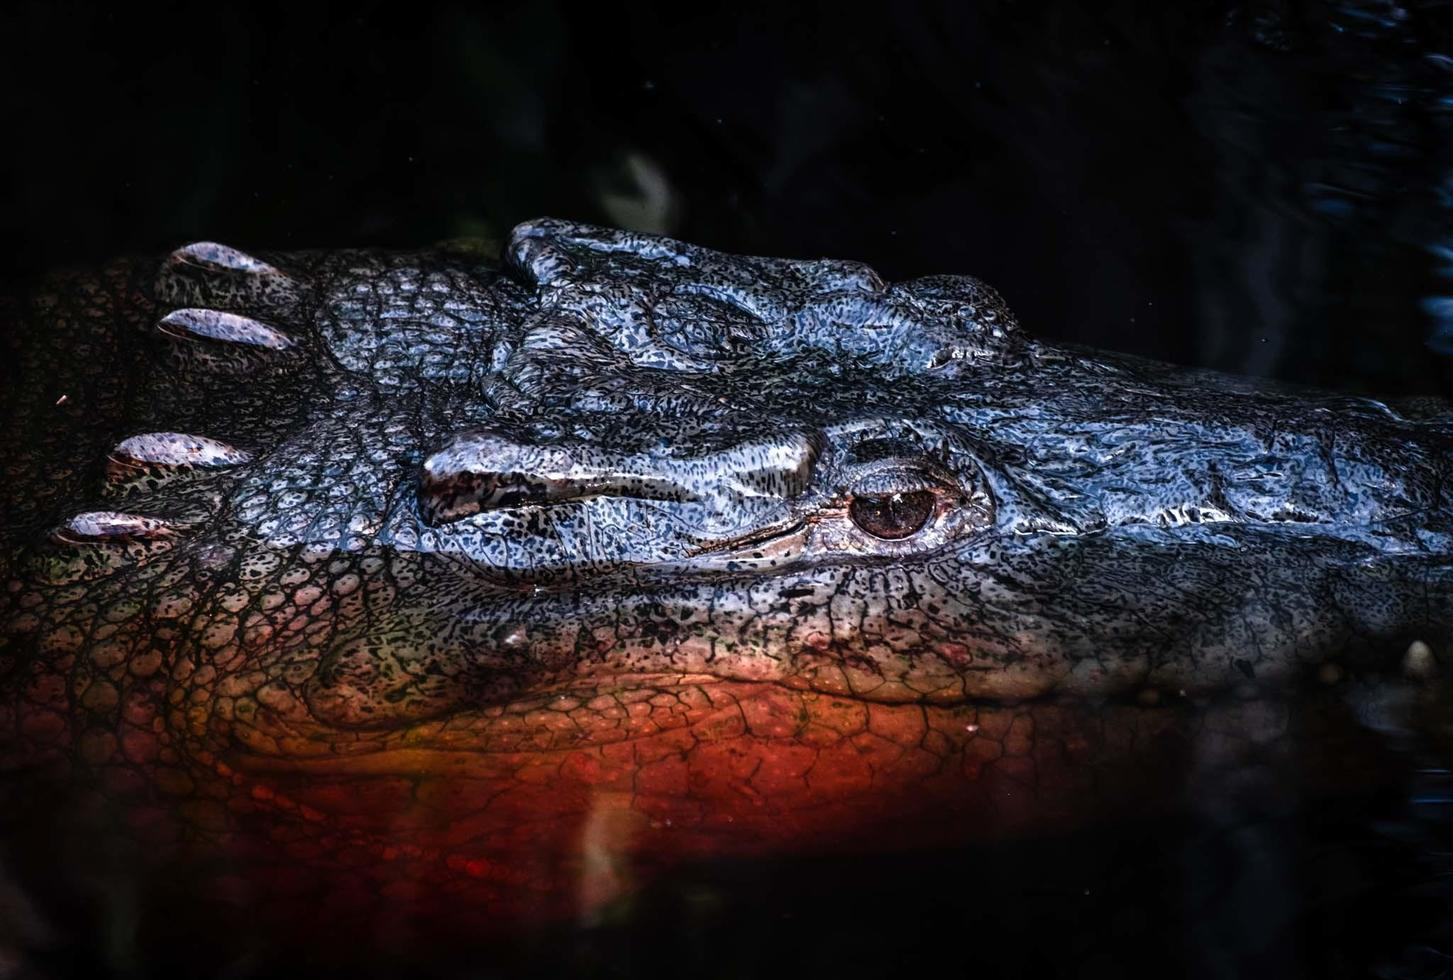 cabeça de crocodilo sub-mesclada acima da água escura foto